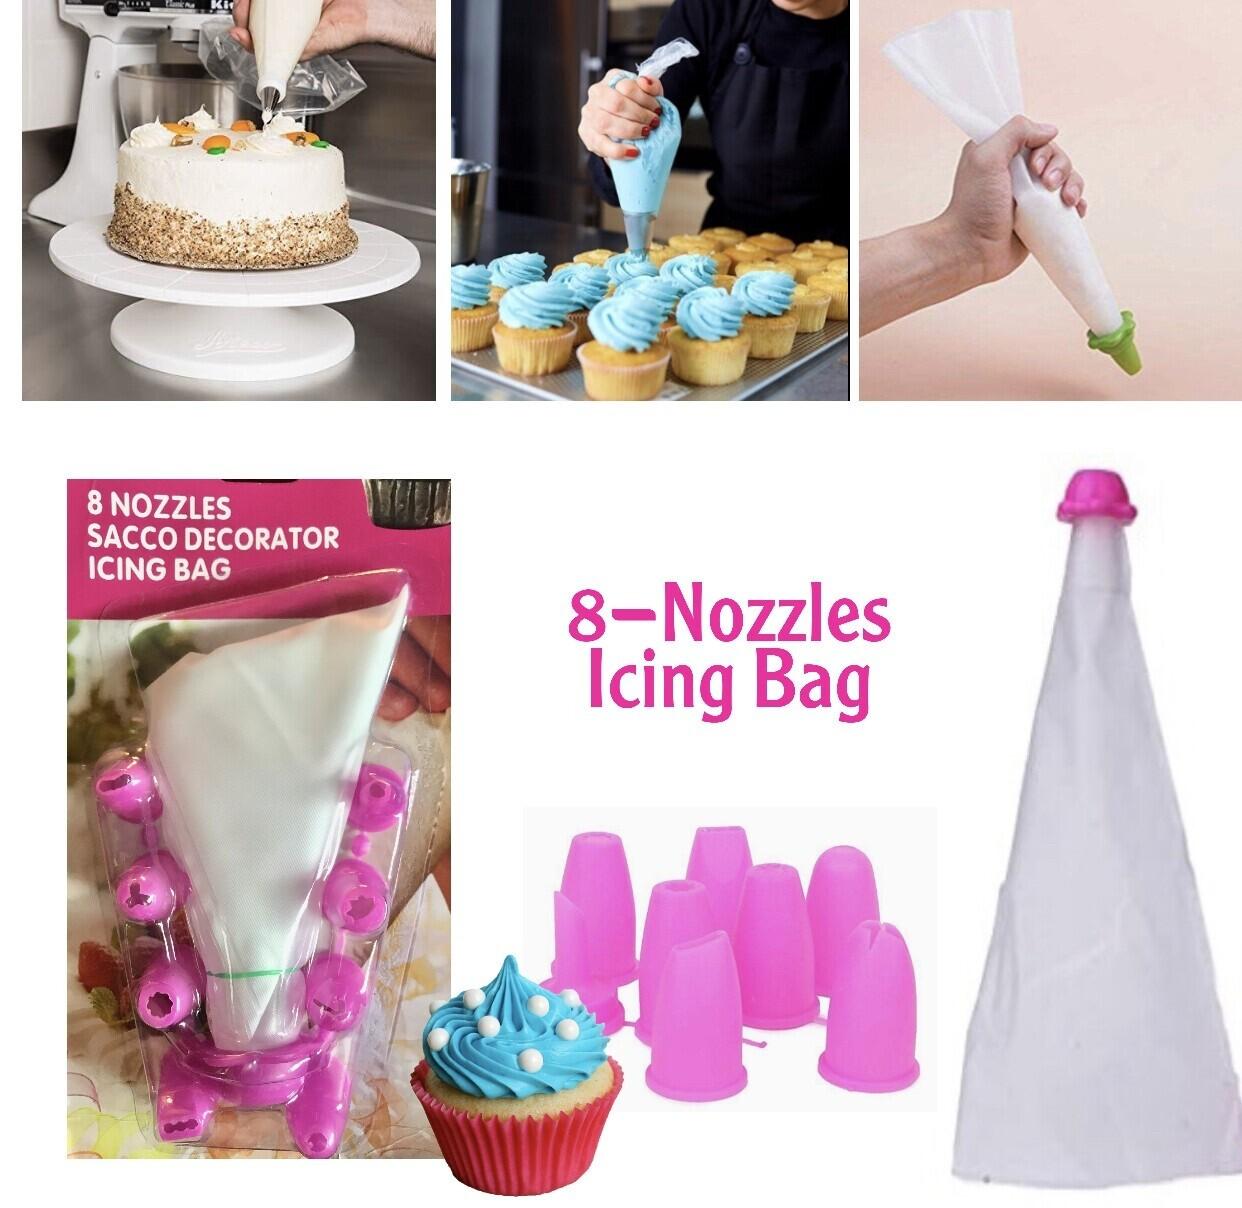 8-Nozzles Icing Bag